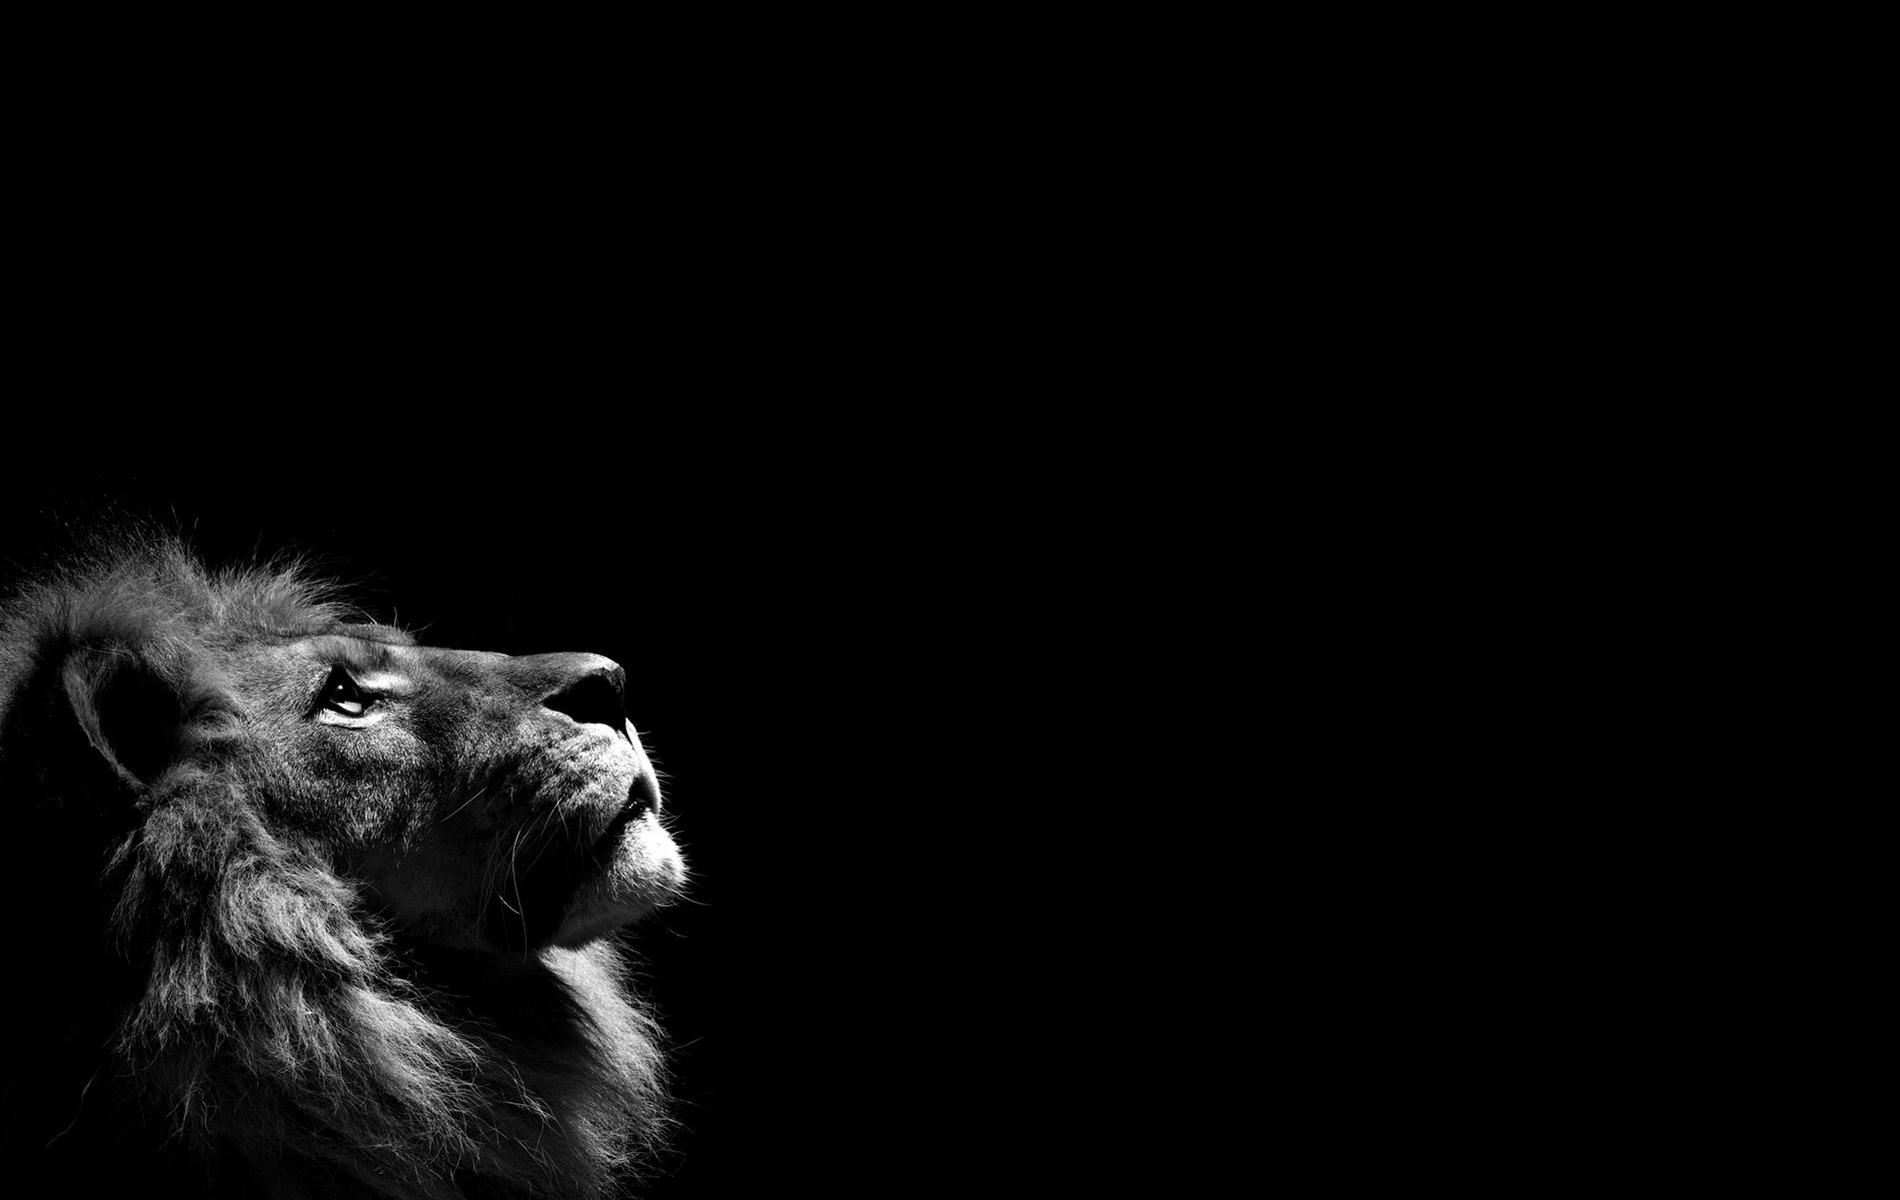 Lions wallpaper 5316 1280x1024 px hdwallsource lions wallpaper 5333 voltagebd Gallery